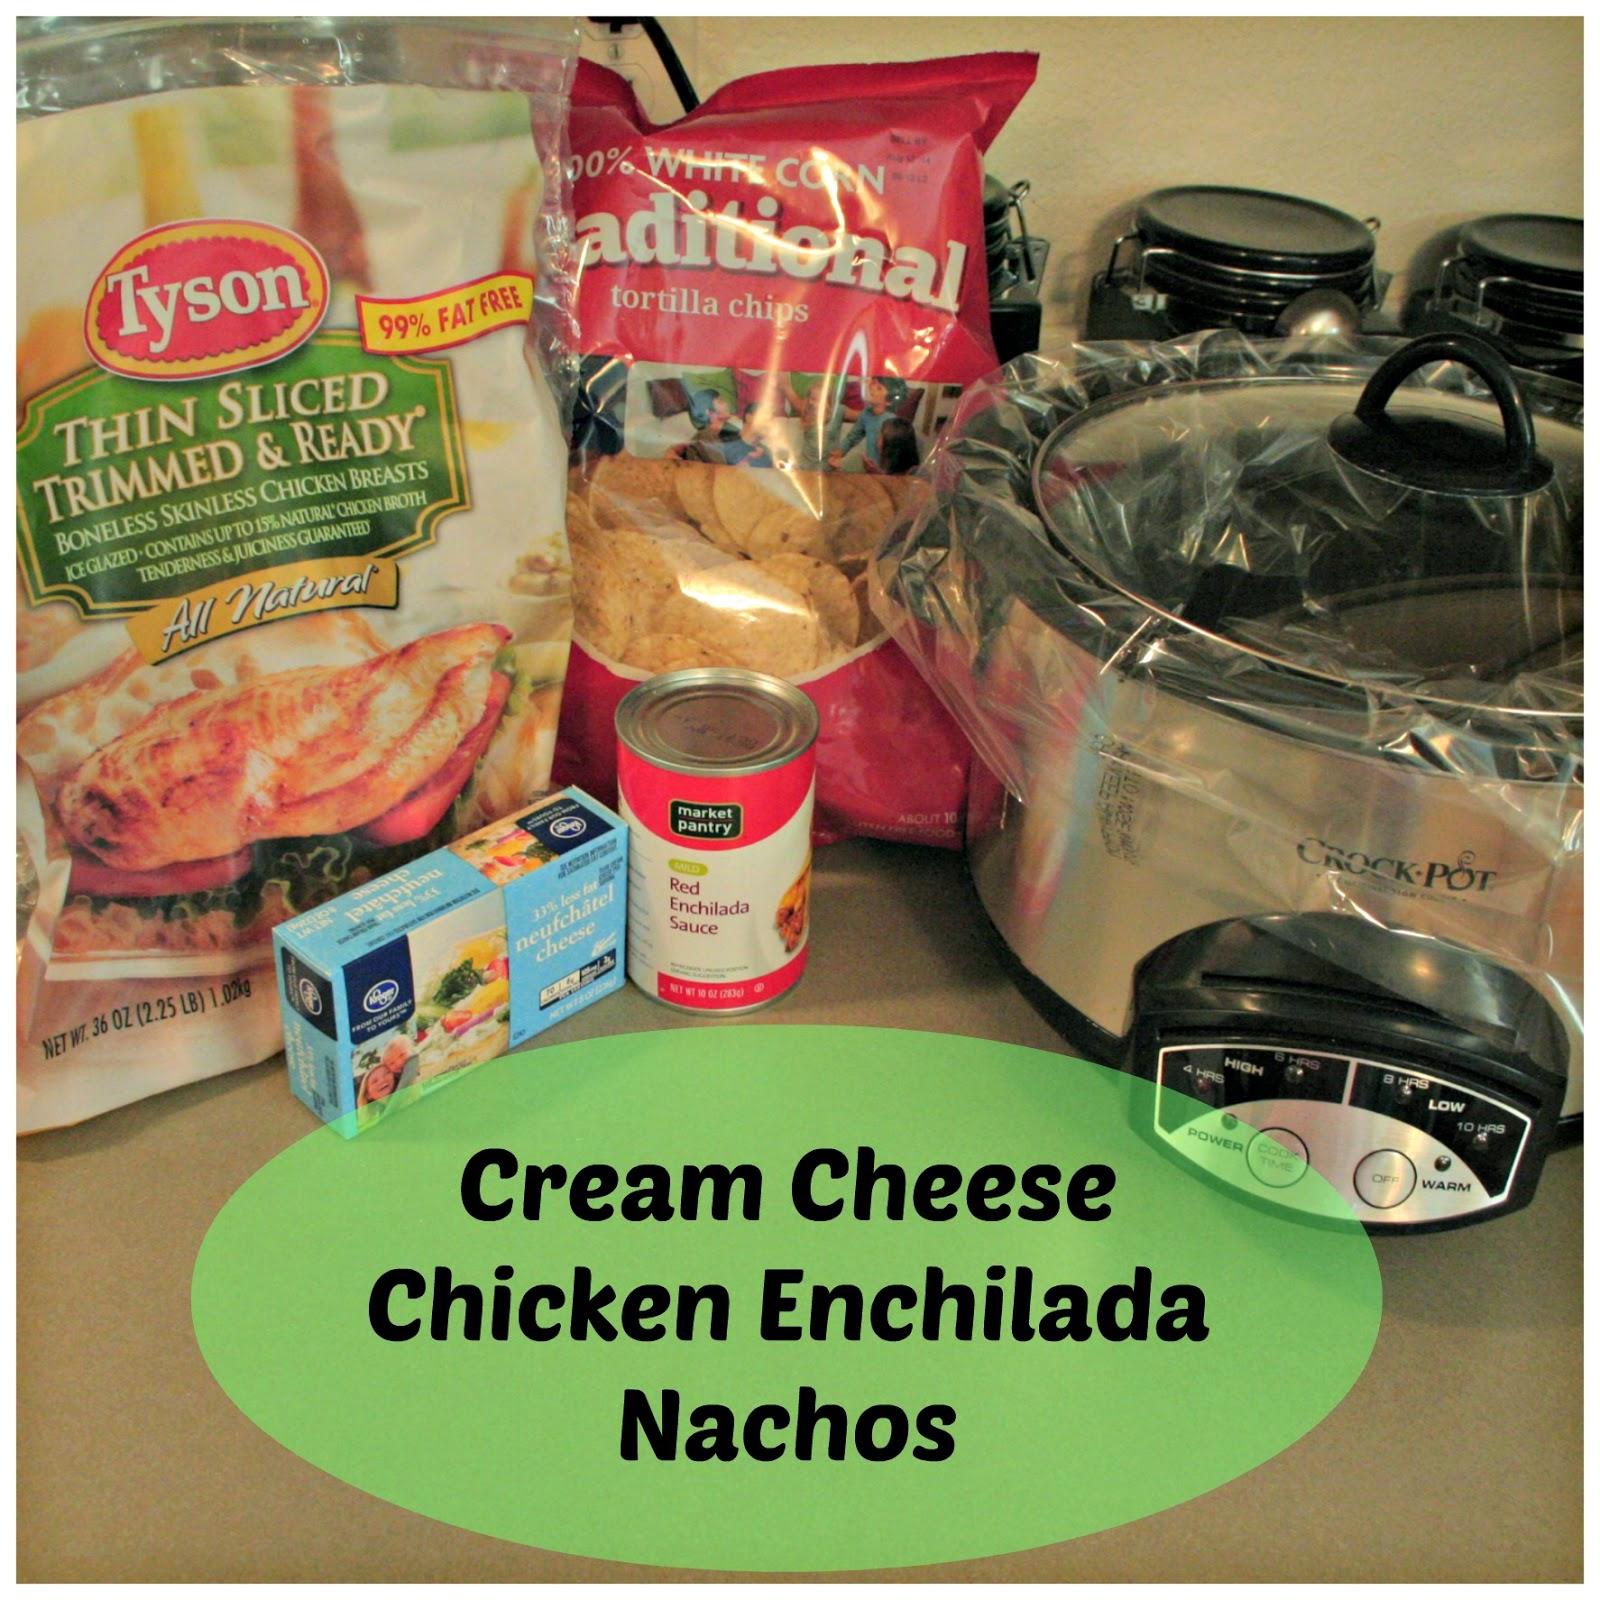 Cream cheese chicken enchilada nachos, Slow cooker cream cheese Chicken Enchilada nachos, Chicken enchilada nachos in crock pot, easy enchilada recipe, slow cooker enchilada recipe, crock pot enchilada recipe.